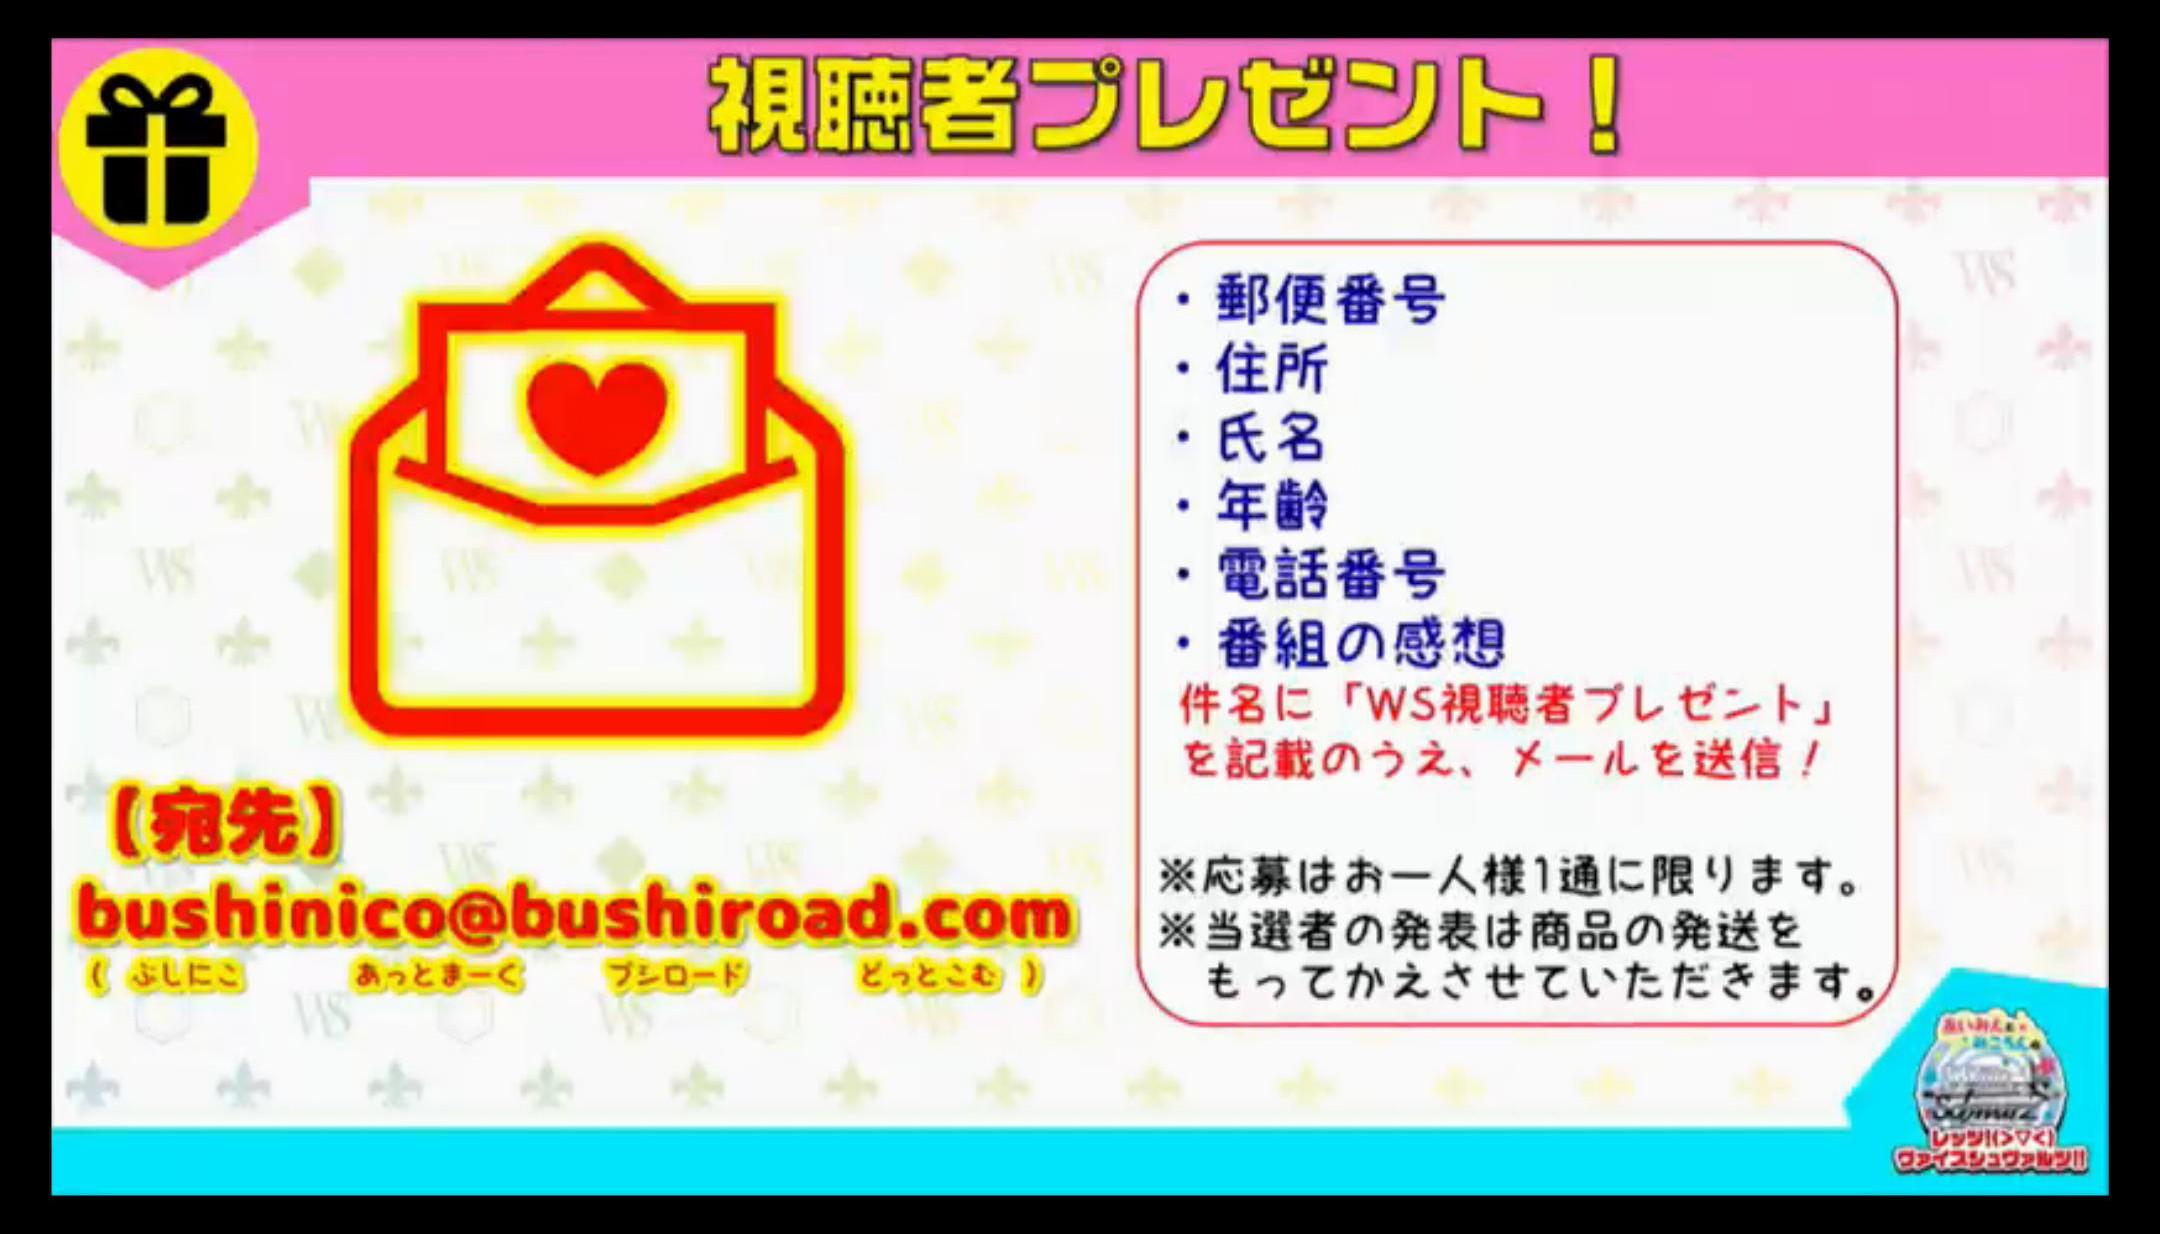 bshi-live-170609-017.jpg